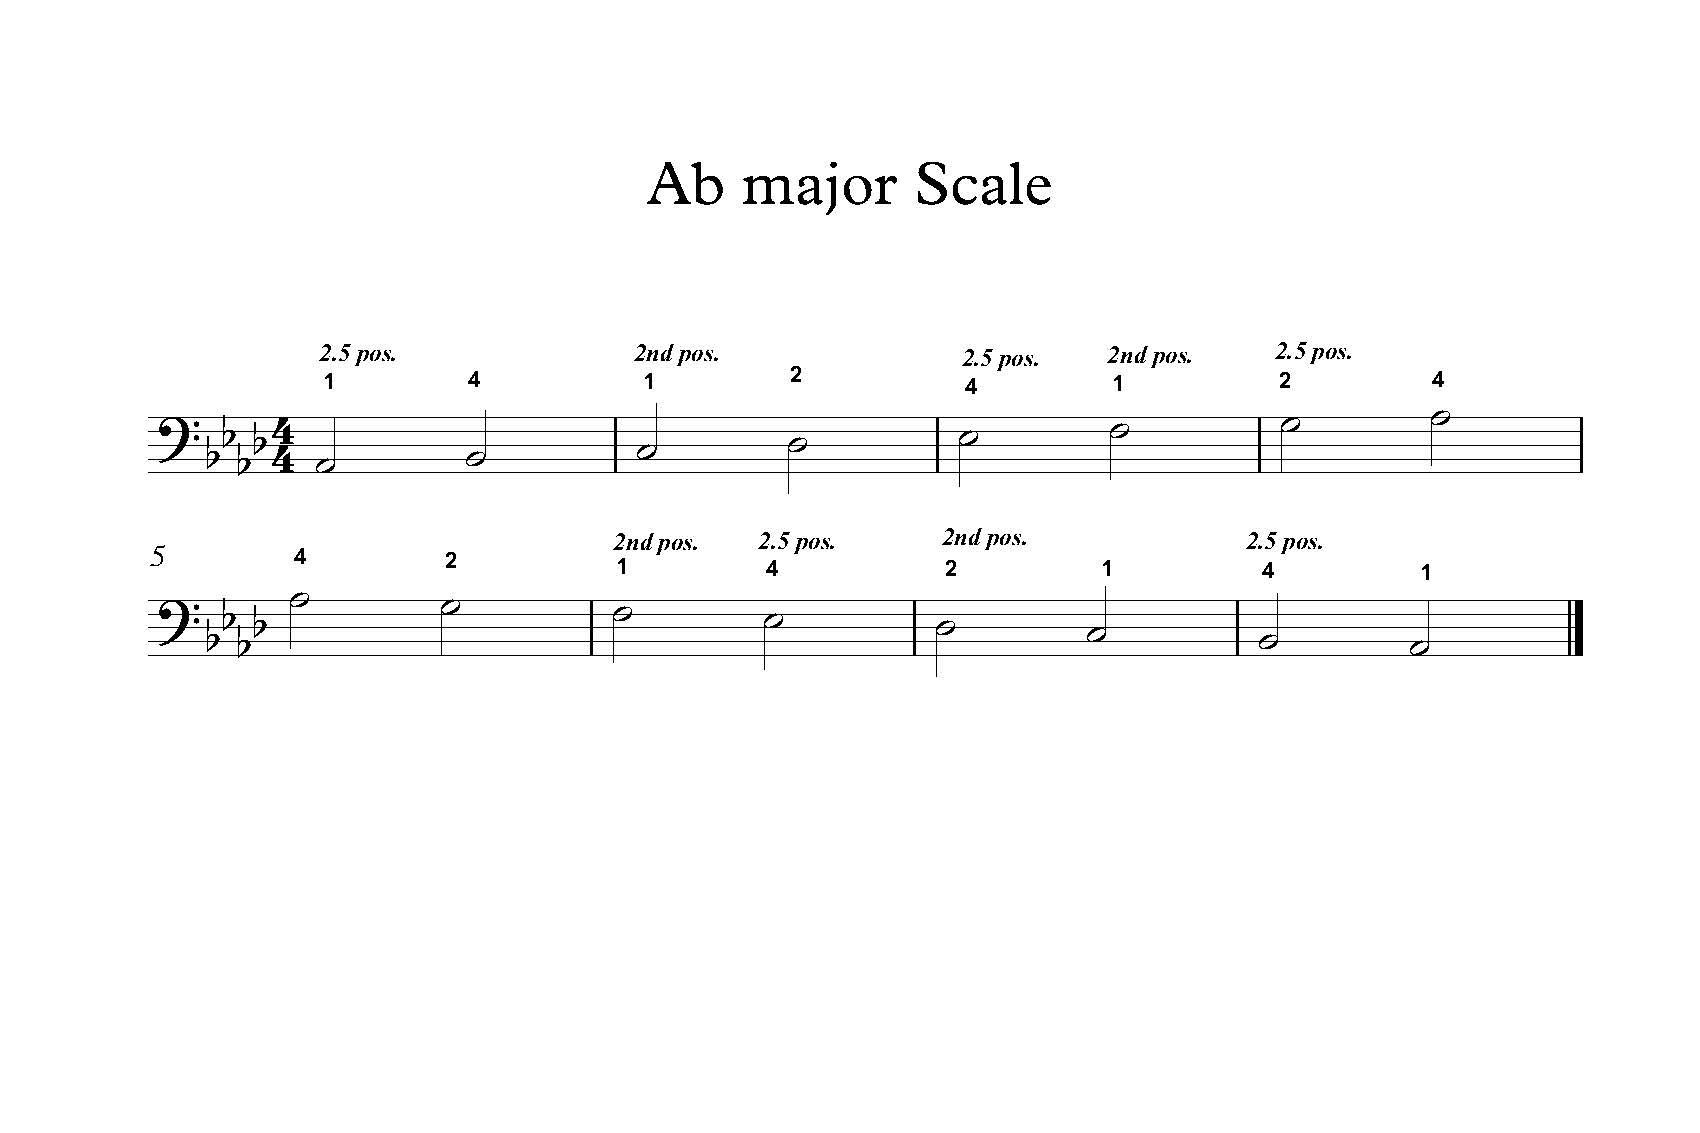 Ab+major+Scale.jpg